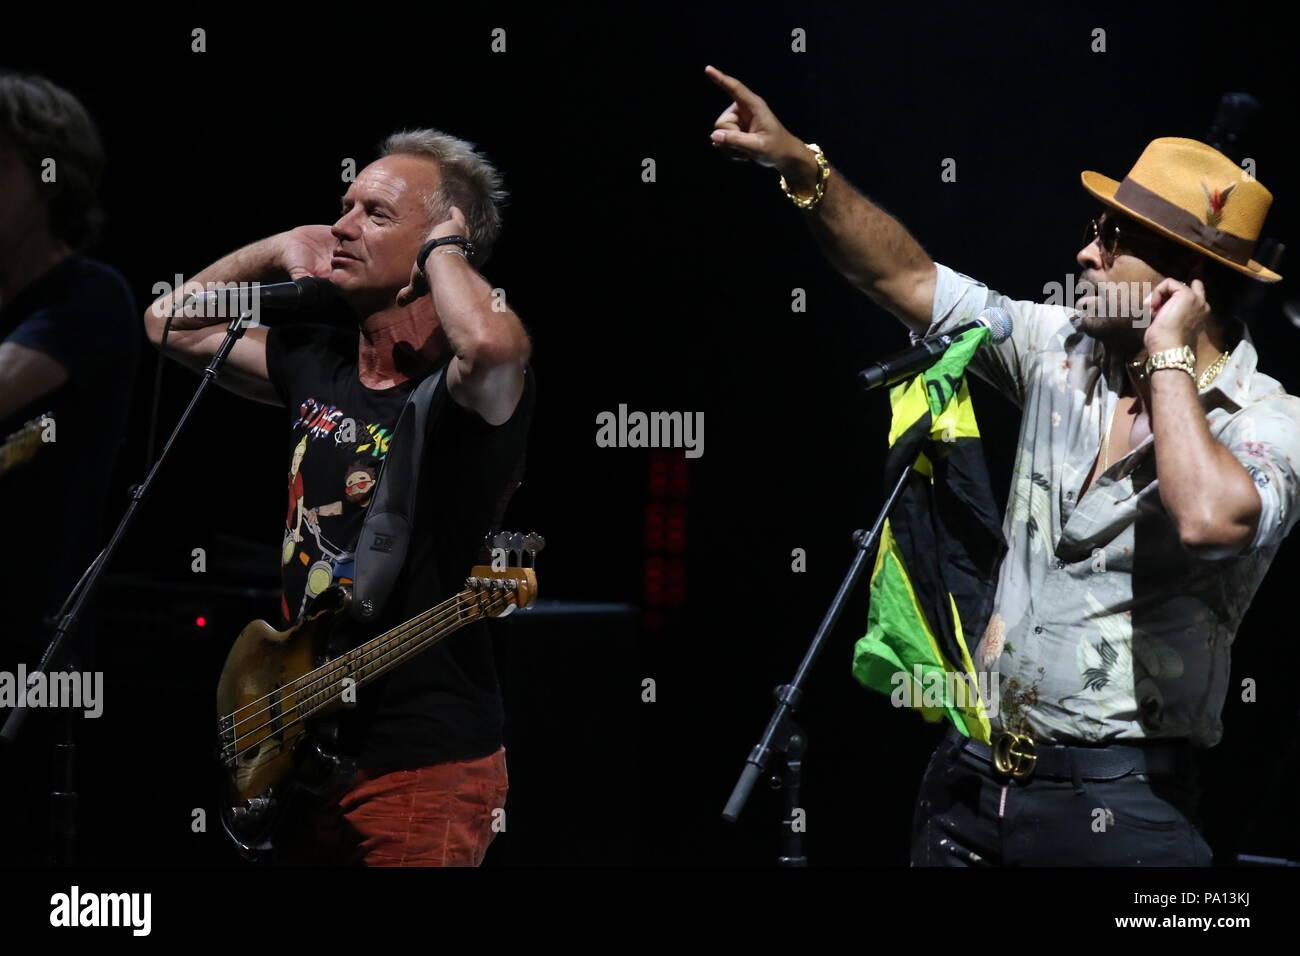 July 19, 2018 - July 19, 2018 (Marbella, Malaga) Singer Sting and